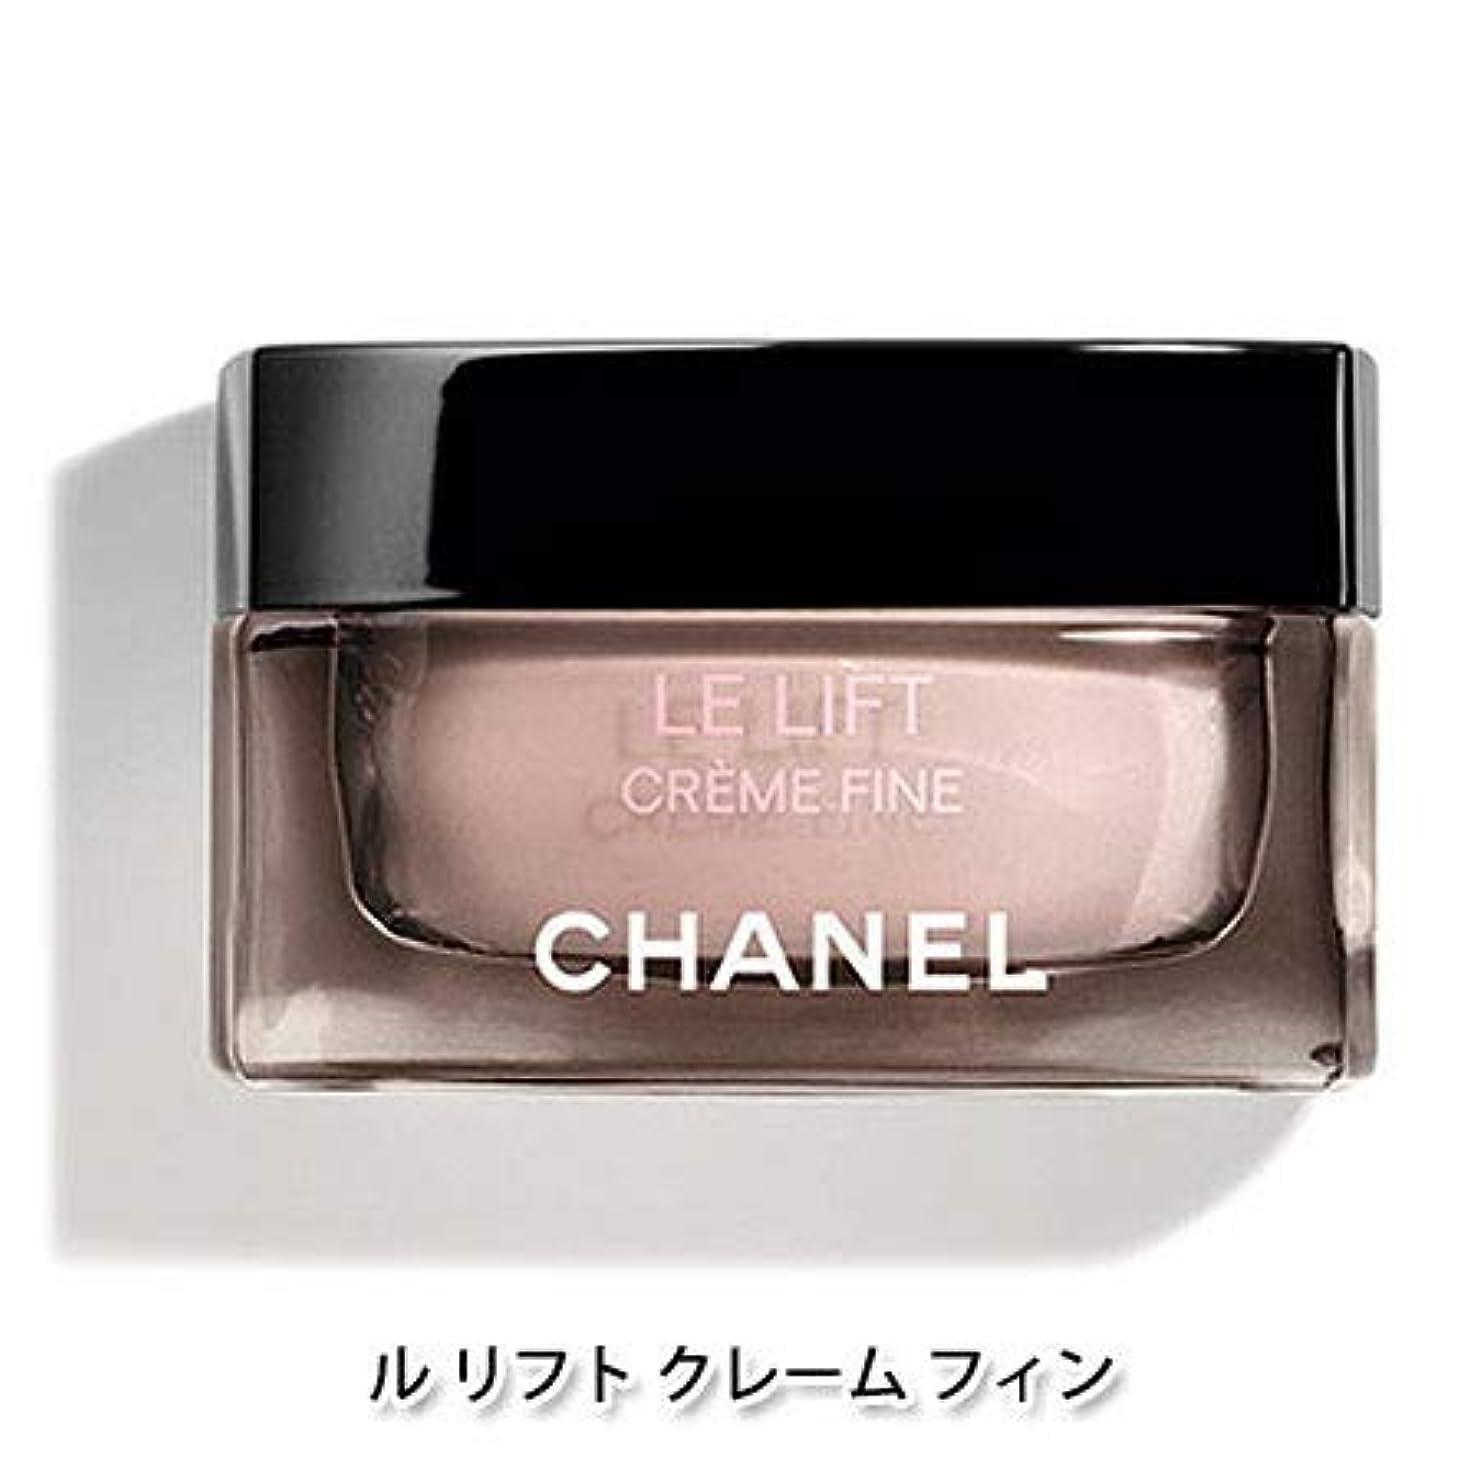 ディレイ空白ファッションシャネル ル リフト クレーム フィン 50ml -CHANEL-